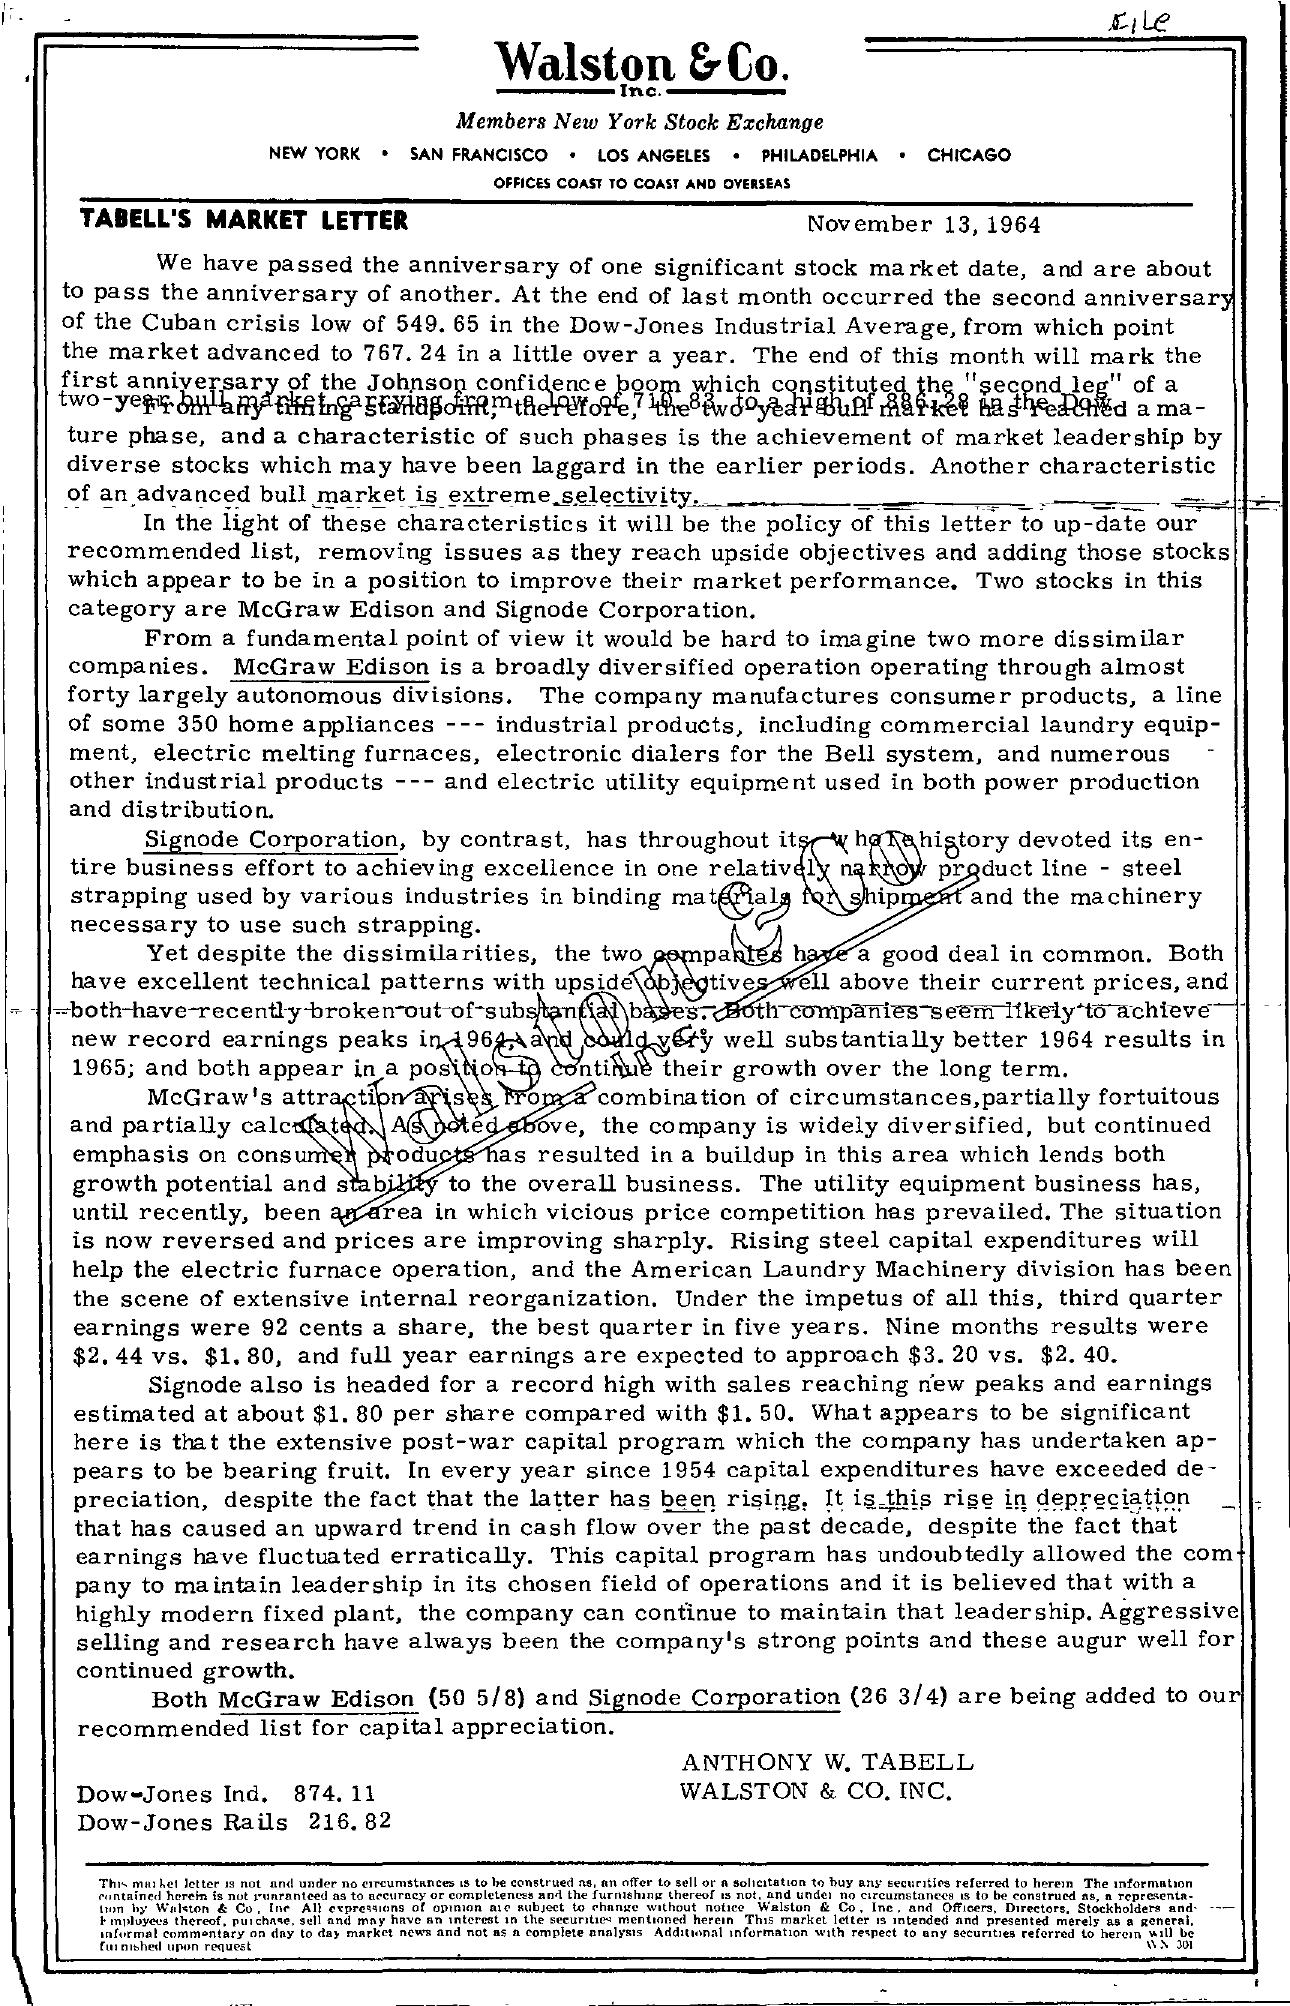 Tabell's Market Letter - November 13, 1964